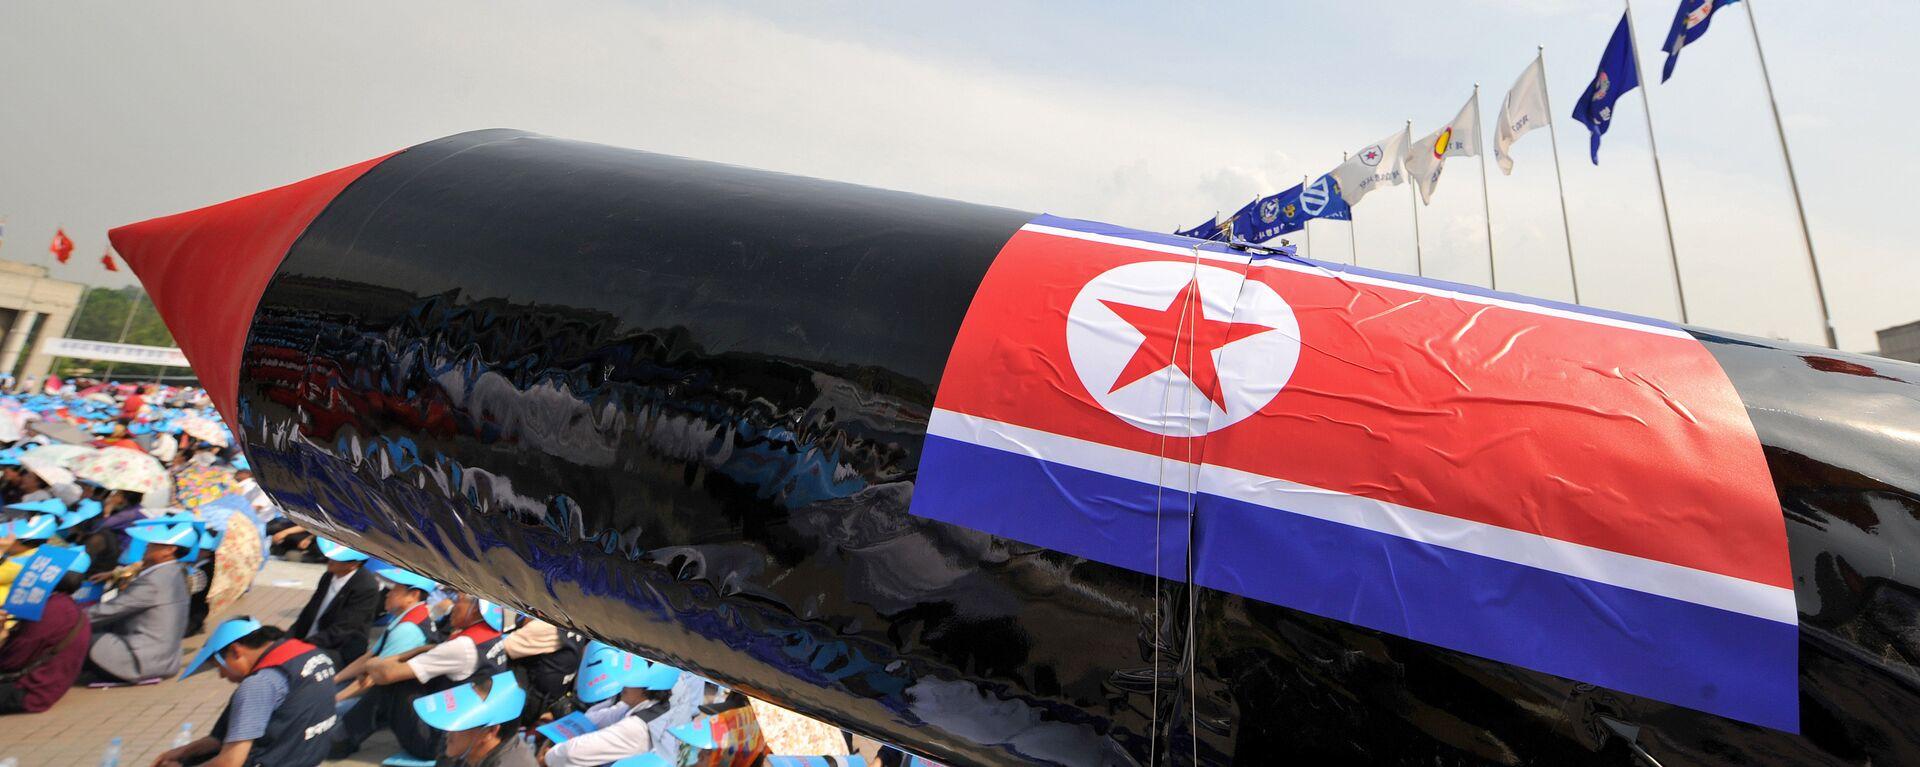 Severní Korea - Sputnik Česká republika, 1920, 28.09.2021